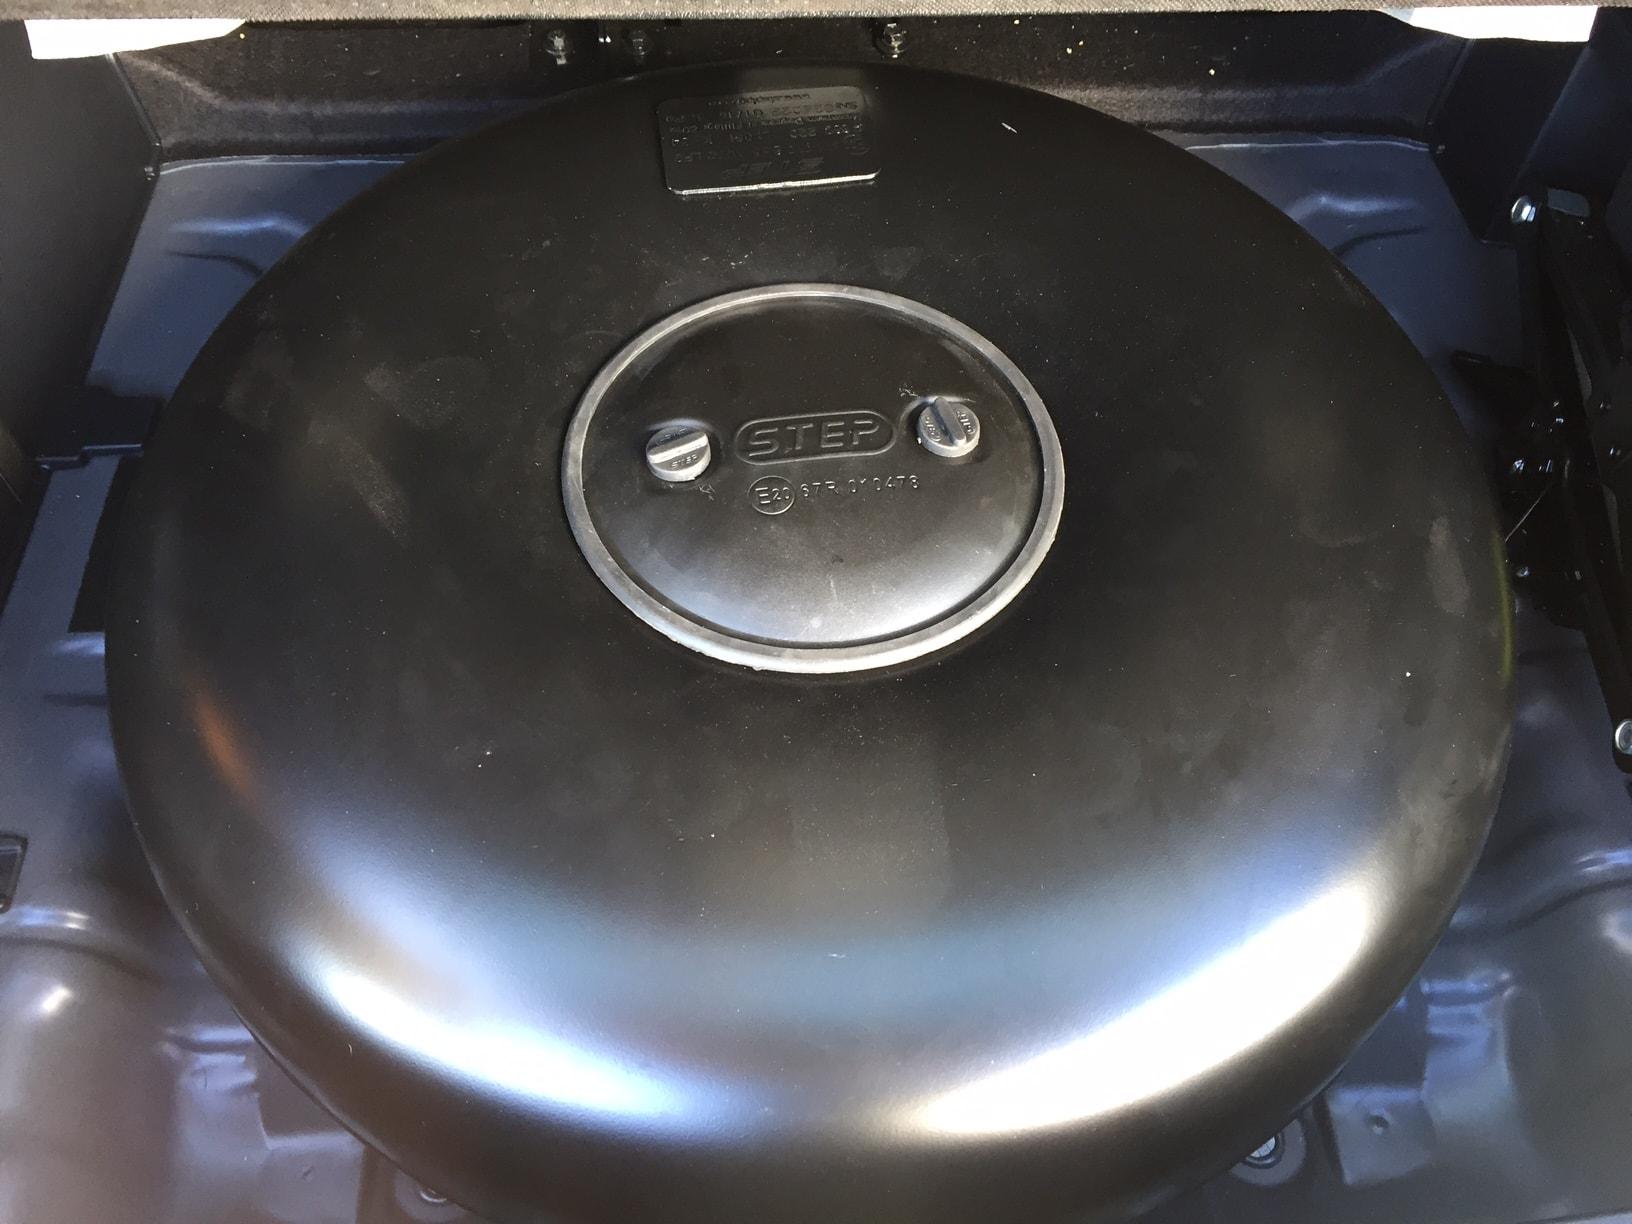 Autogas_R115-Umrüstung-auf-LPG-Autogas_Hyundai-IX35-2,0GDI-Direkteinspritzer-Tank